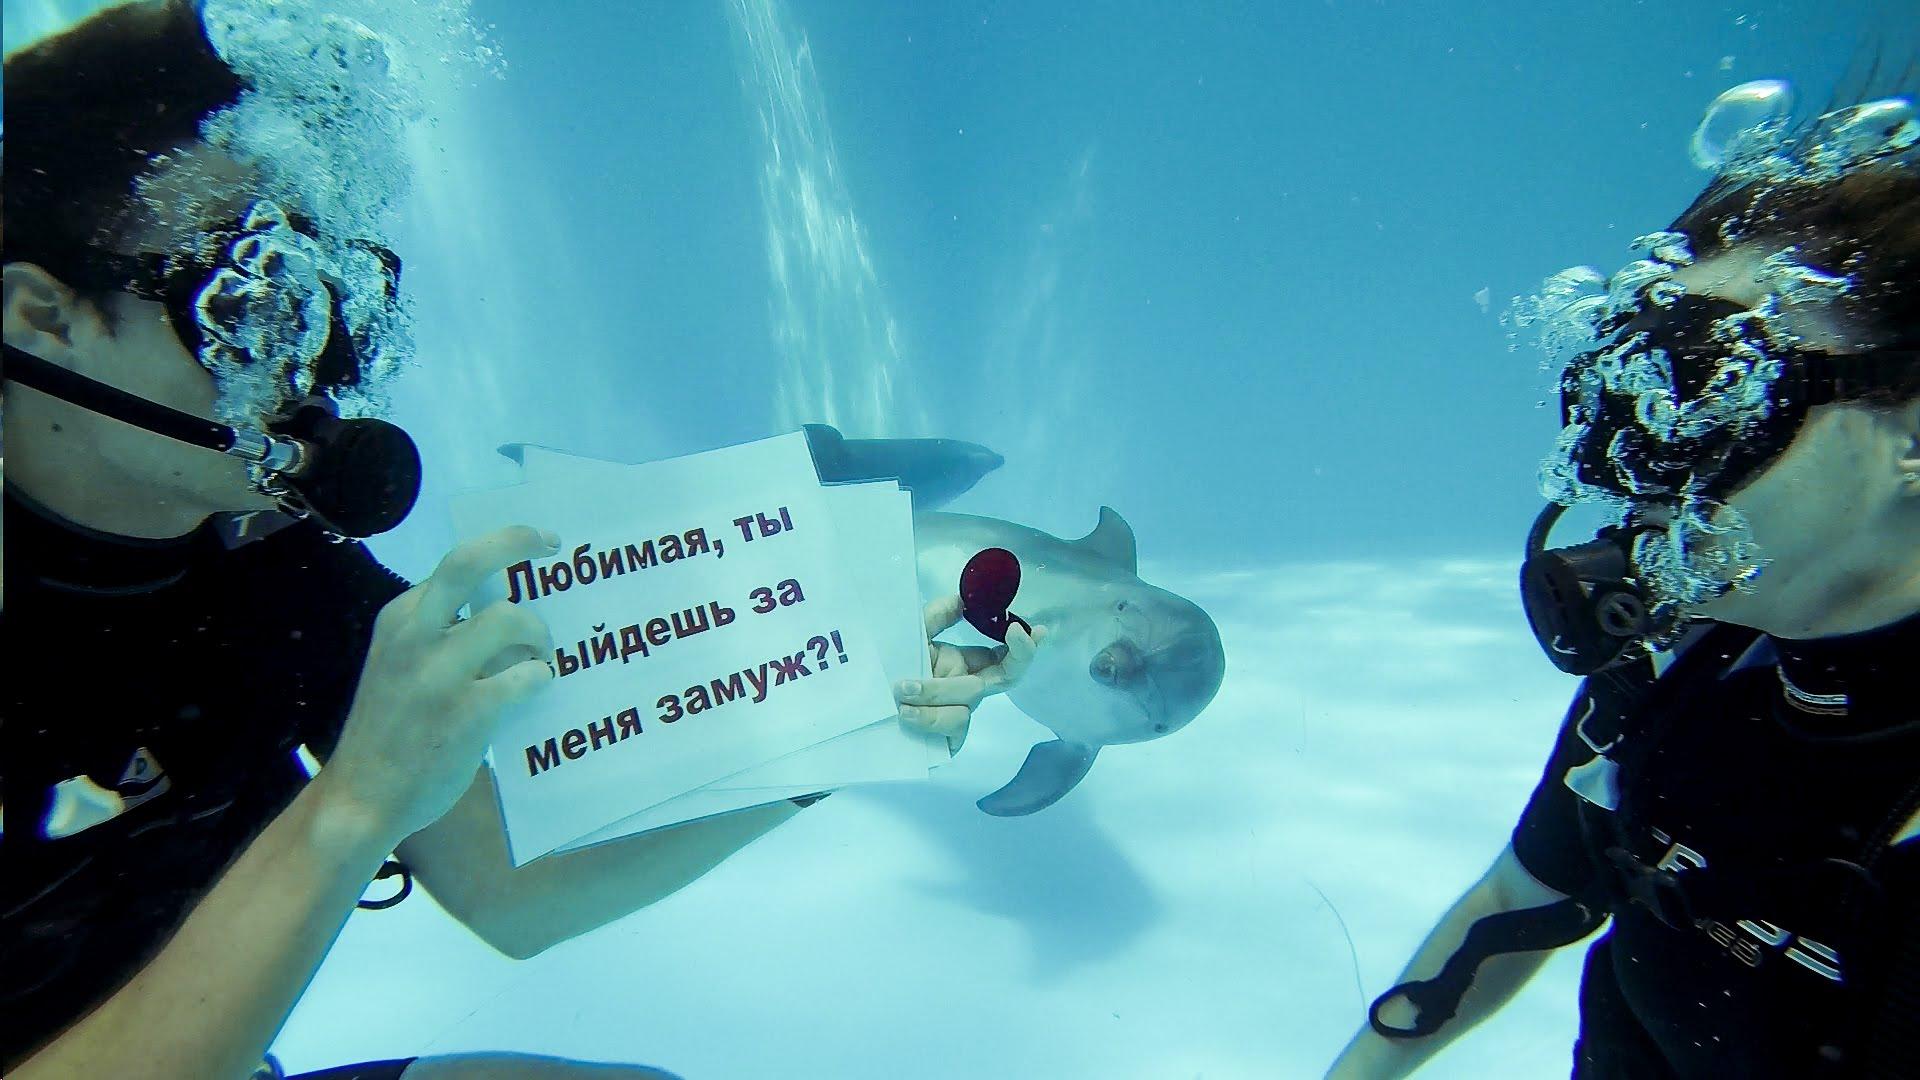 предложение в дельфинарии